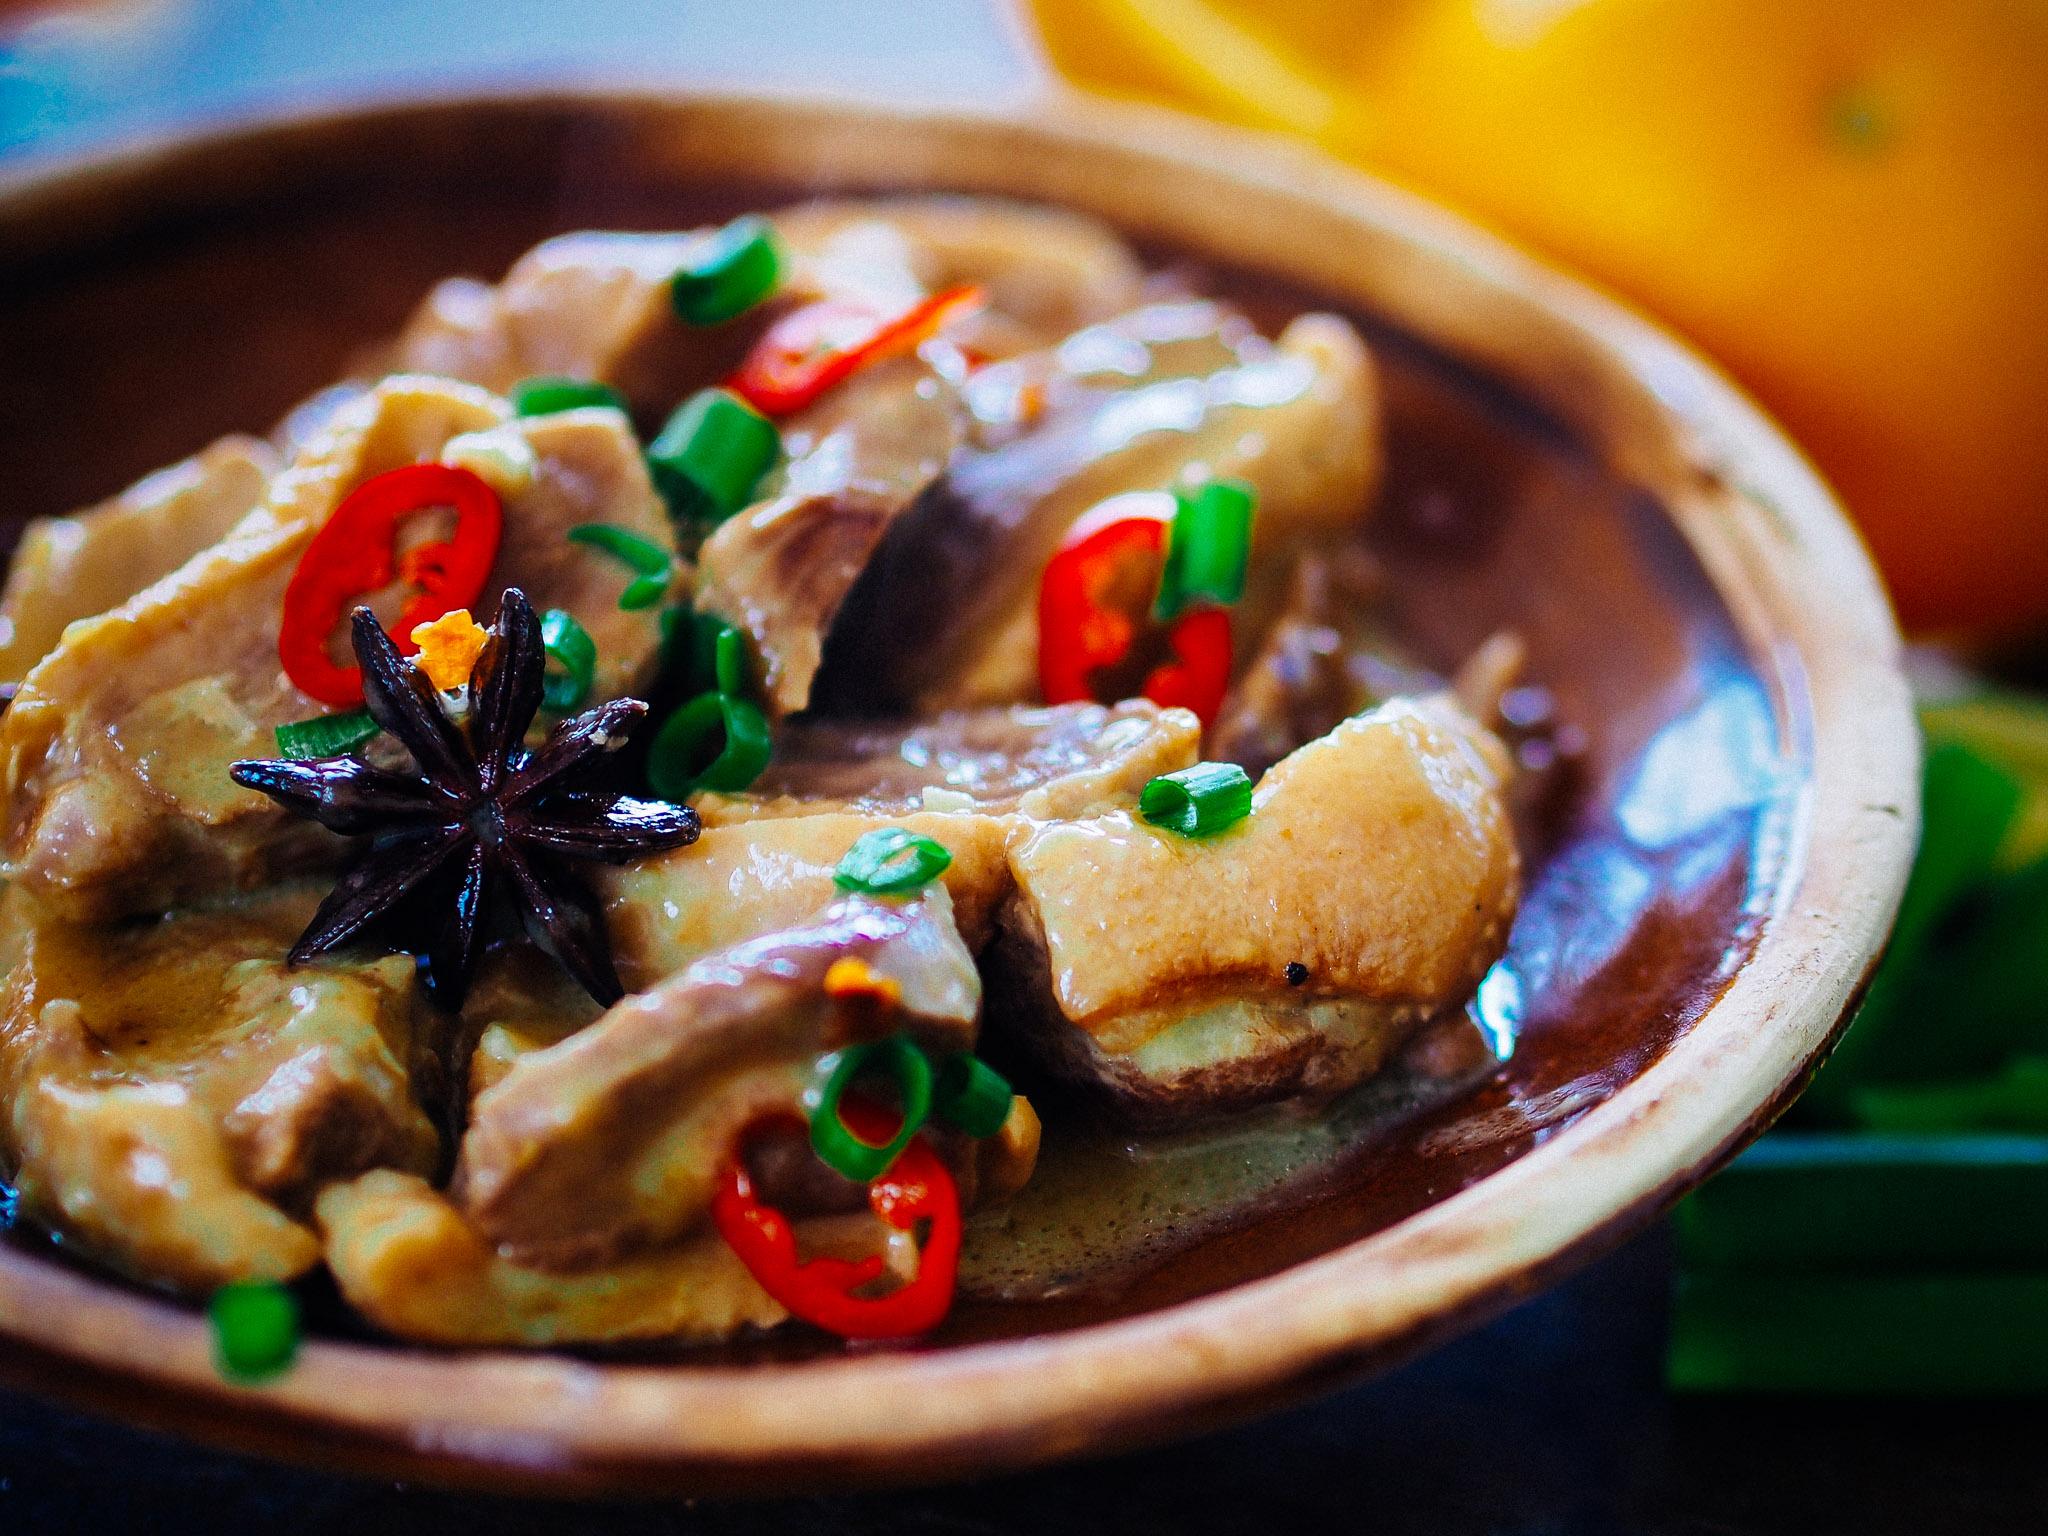 Kuchnia Wietnamska Przepisy Potrawy Slodkokwasnycom